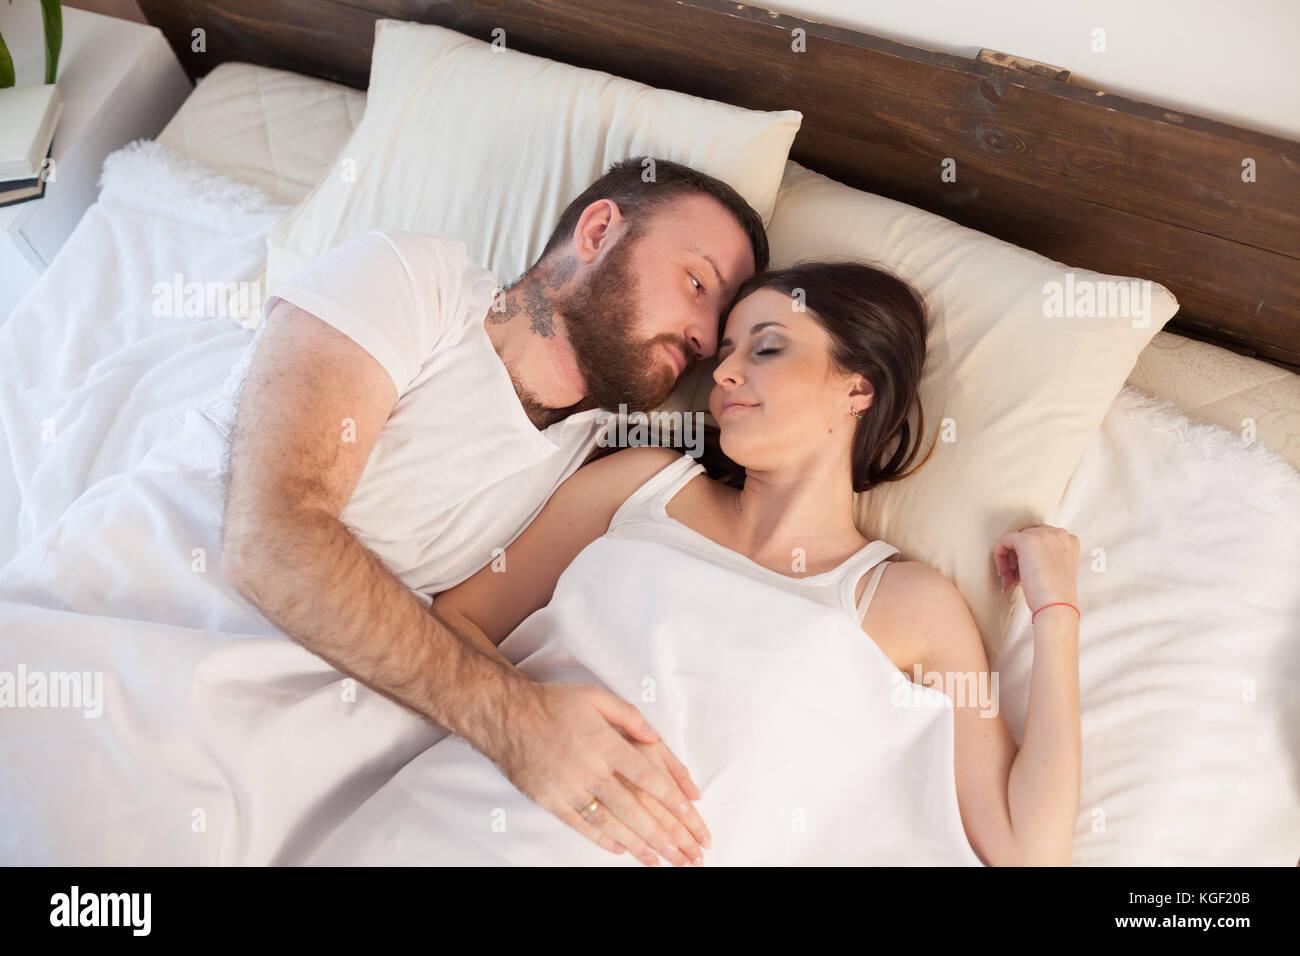 L uomo esce una donna in camera da letto la mattina weekend Immagini Stock